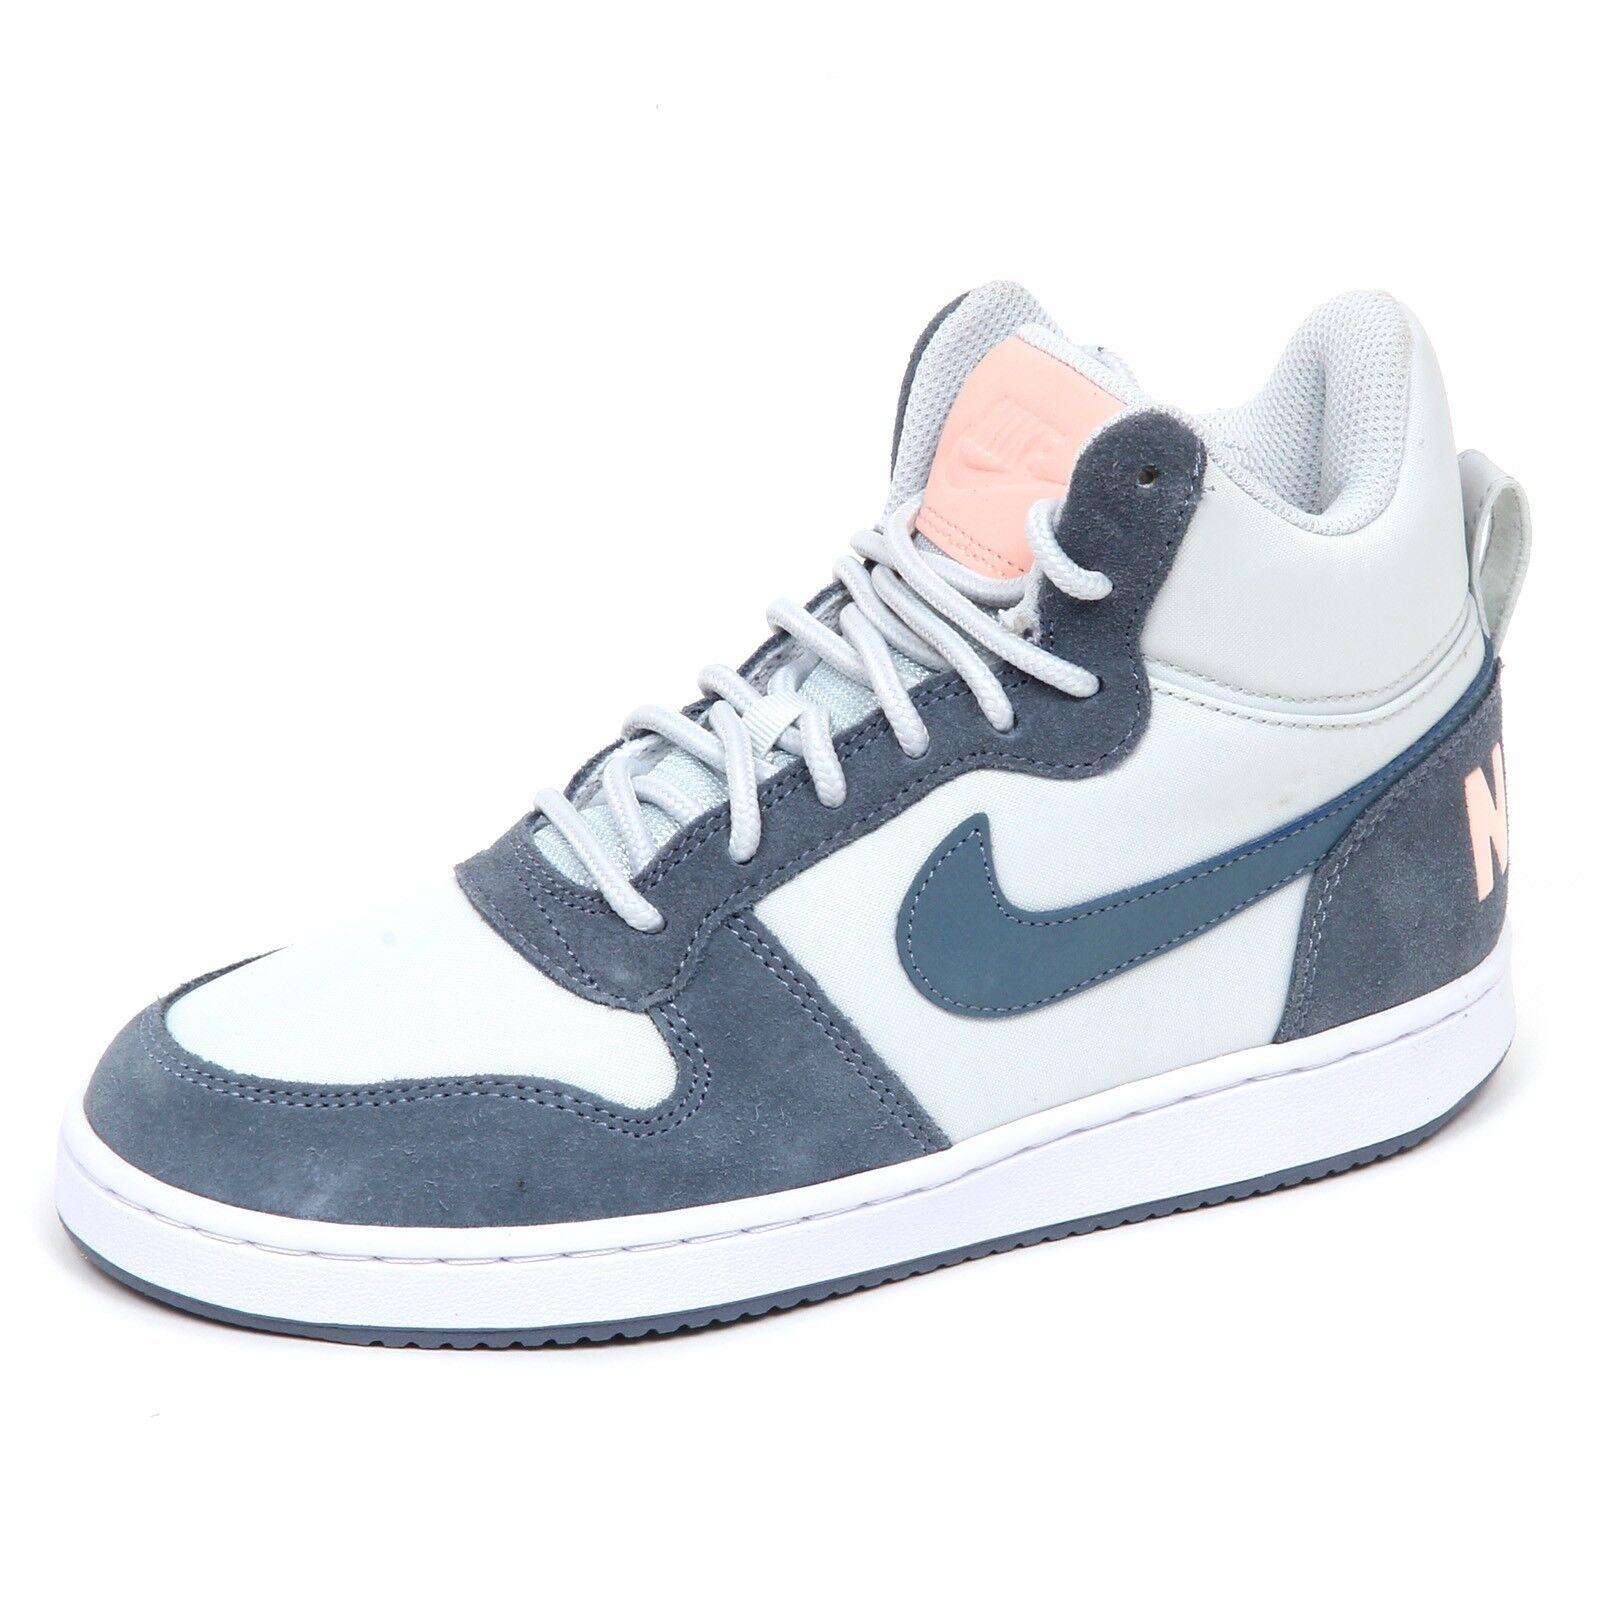 E1738 sneaker donna blu/grey scarpe NIKE scarpe blu/grey basket shoe woman 75fac3